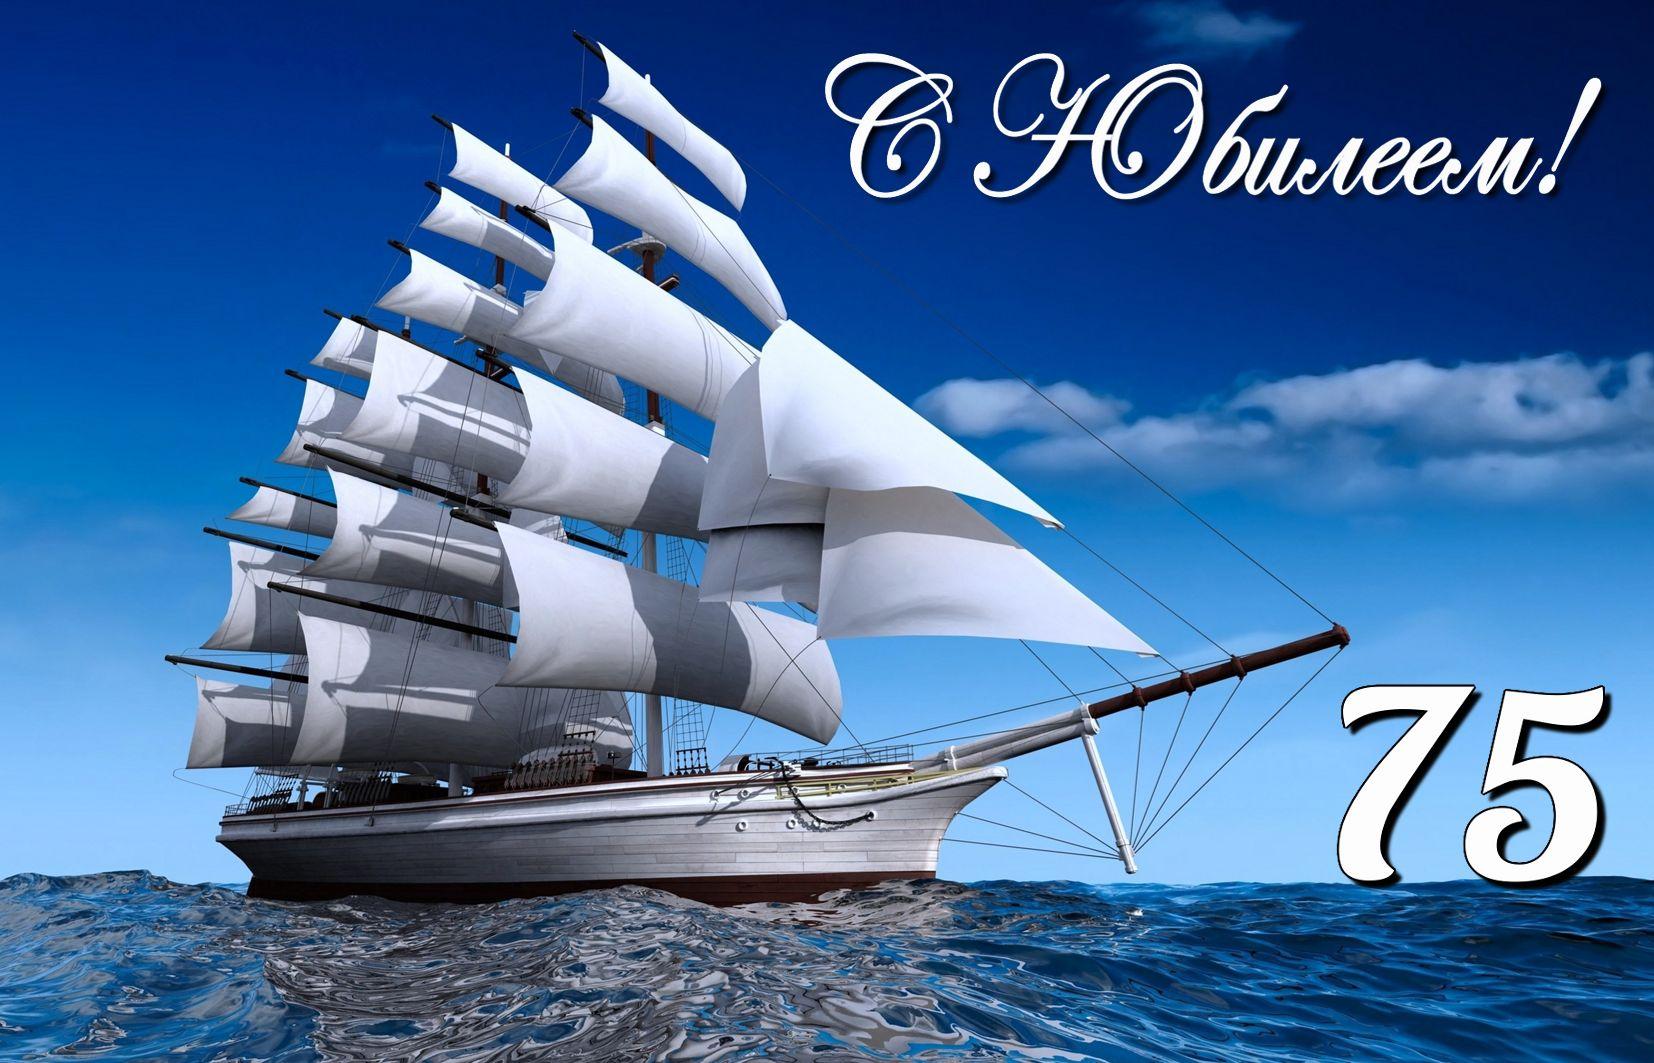 Открытка на юбилей 75 лет - шхуна под всеми парусами в спокойном море